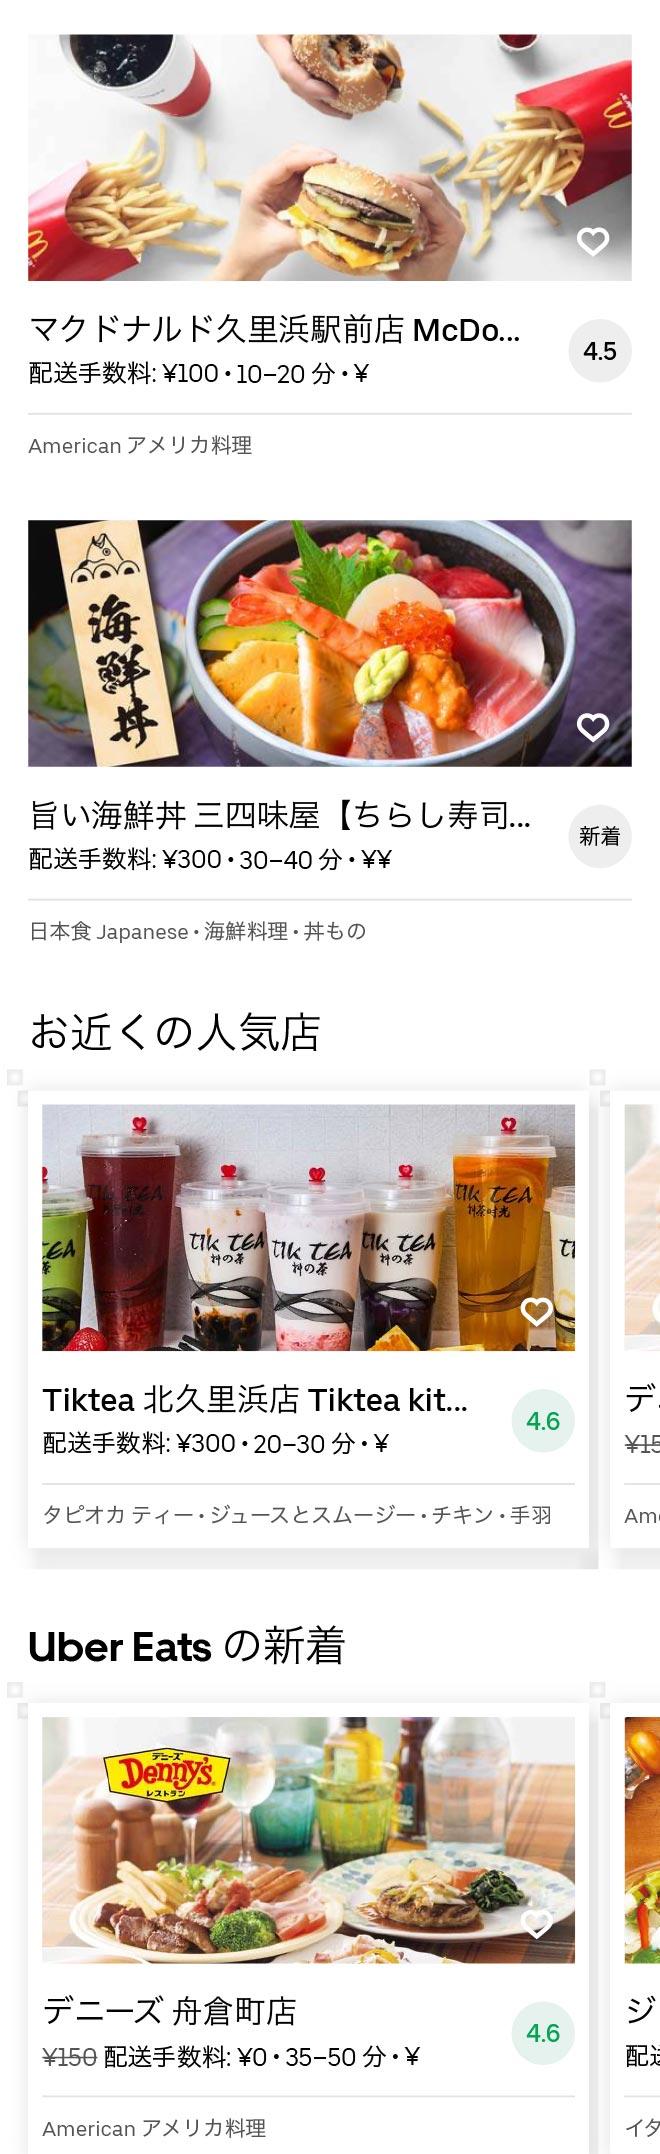 Kurihama menu 2008 01